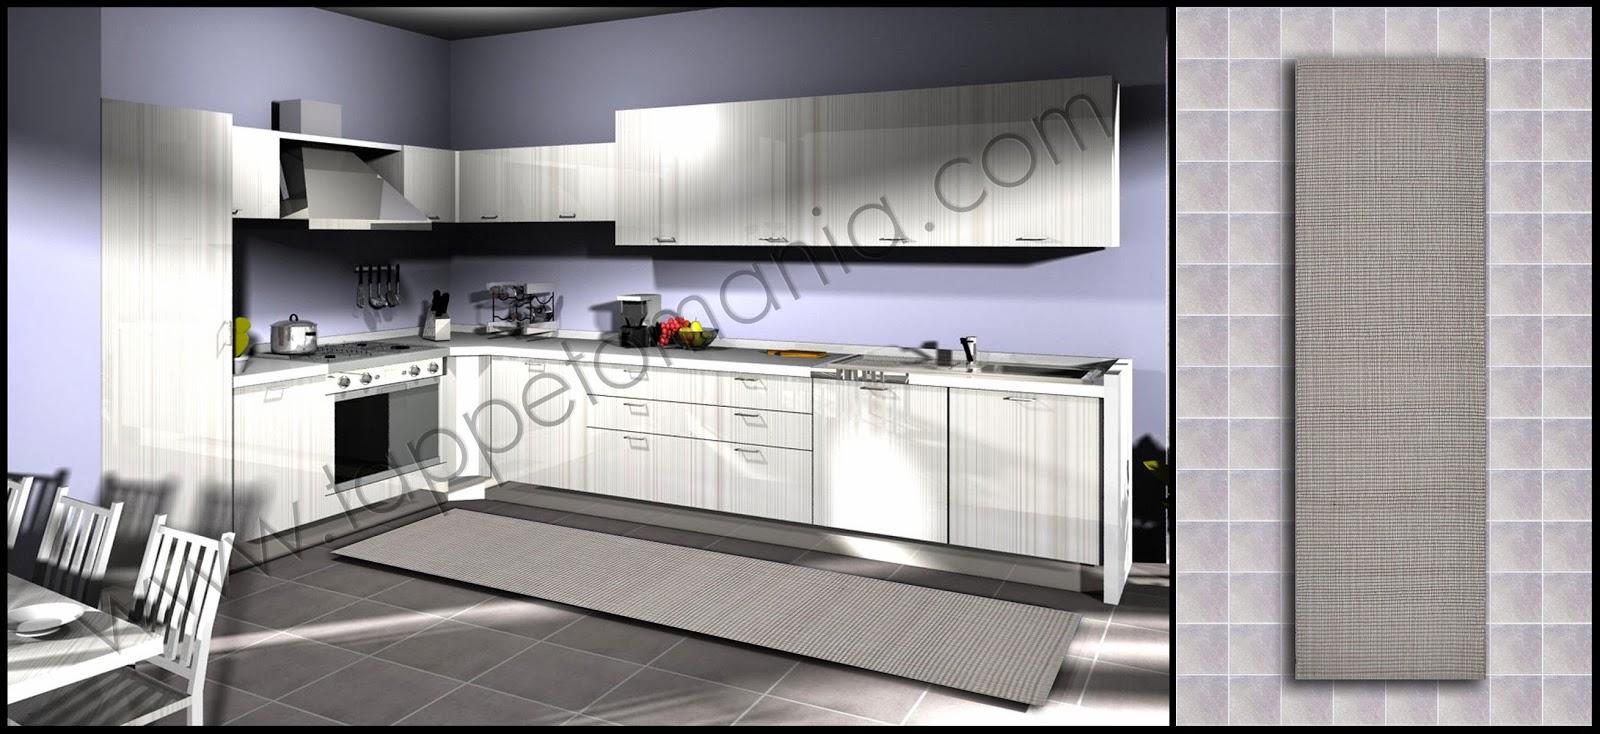 Tappeti lunghi e stretti per la cucina tronzano vercellese - Tappeti per cucina ...